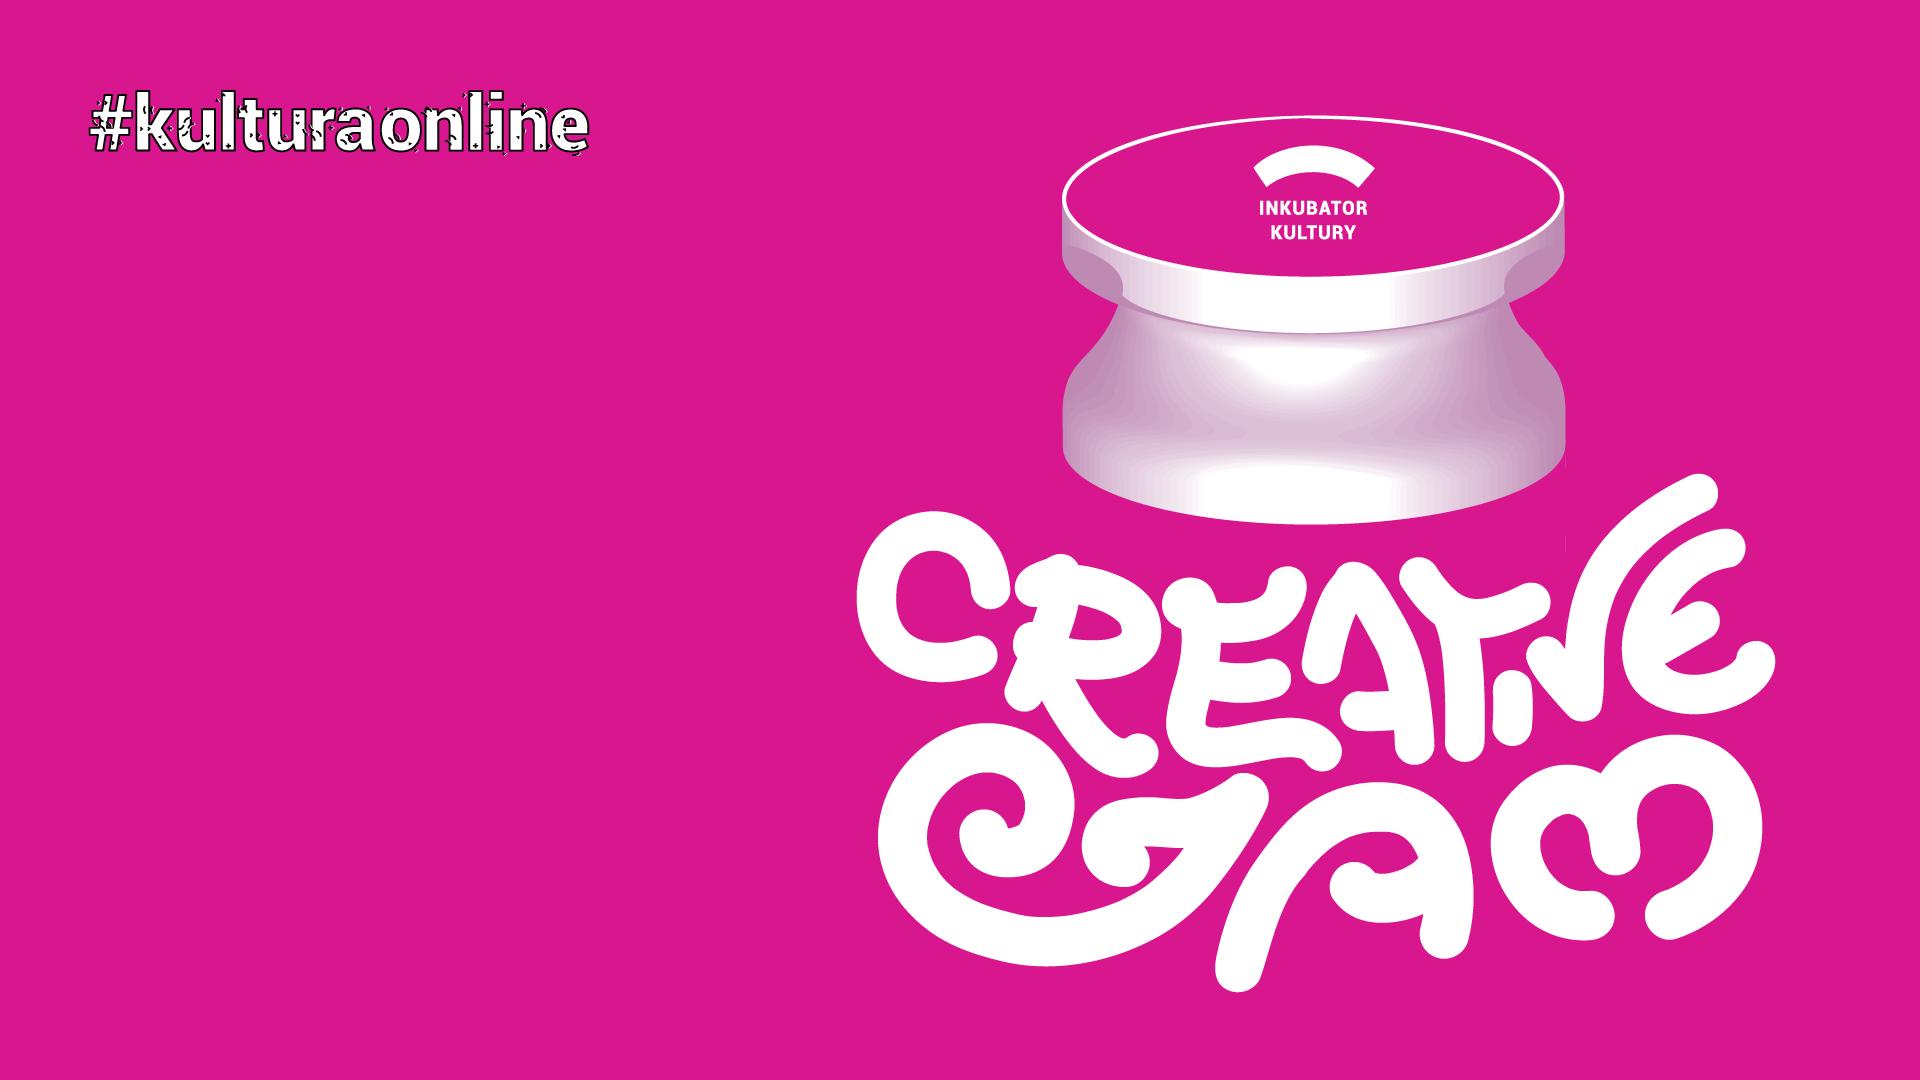 grafika promująca wydarzenie Creative Jam, różowe tło, napis #kulturaonline, napis Crealive Jam, logo Inkubator Kultury, ilustracja przypominająca słoik